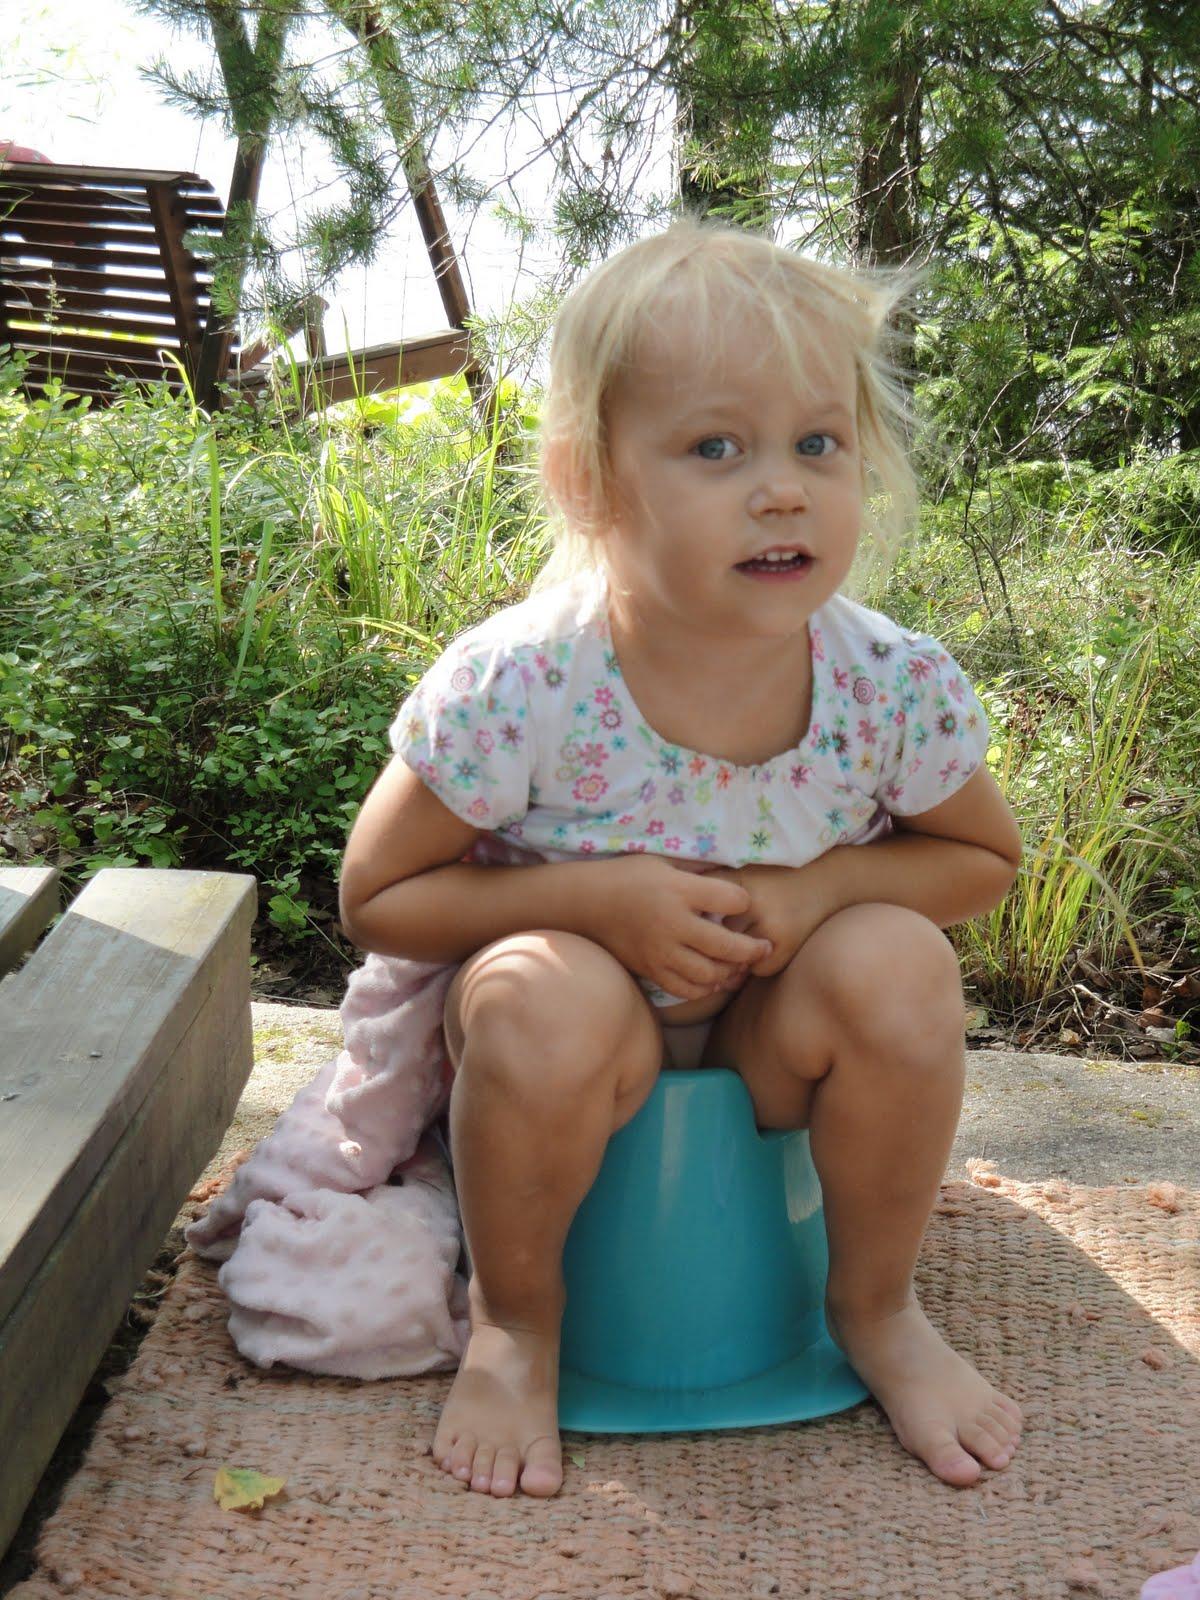 little girl  pee  Little Girls Going Potty Outside